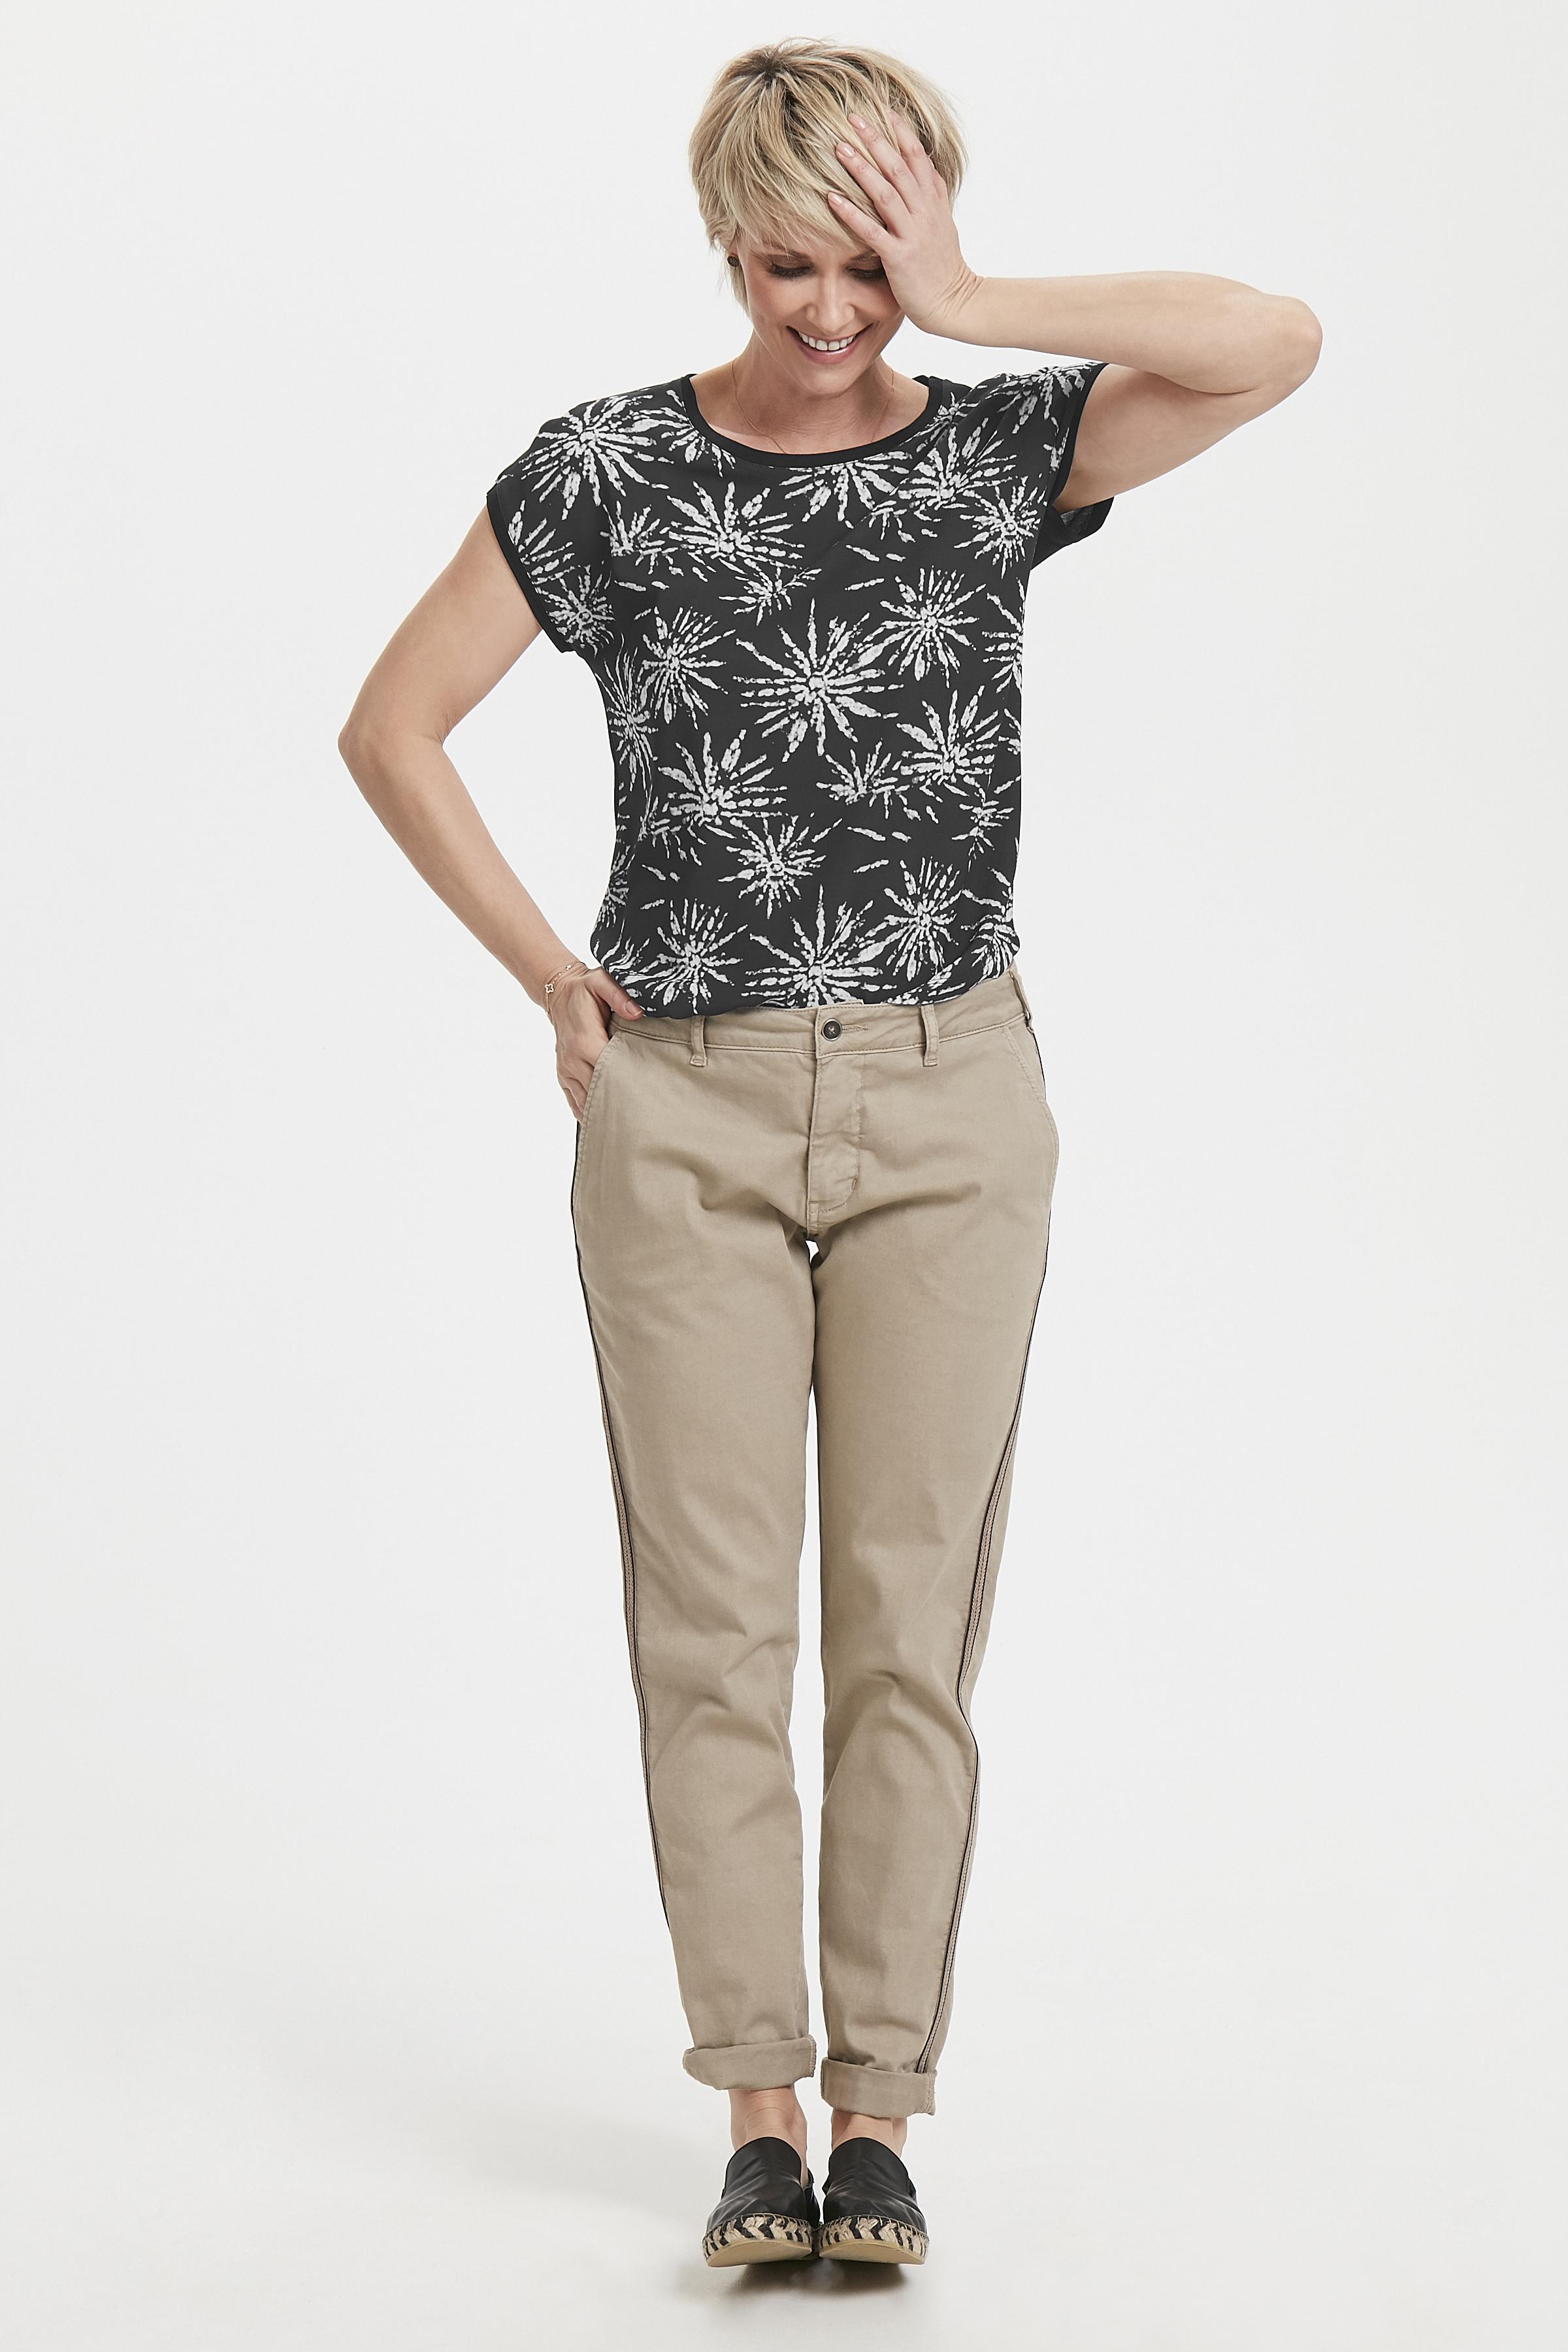 Schwarz/wollweiß Kurzarm-Bluse von Bon'A Parte – Shoppen Sie Schwarz/wollweiß Kurzarm-Bluse ab Gr. S-2XL hier